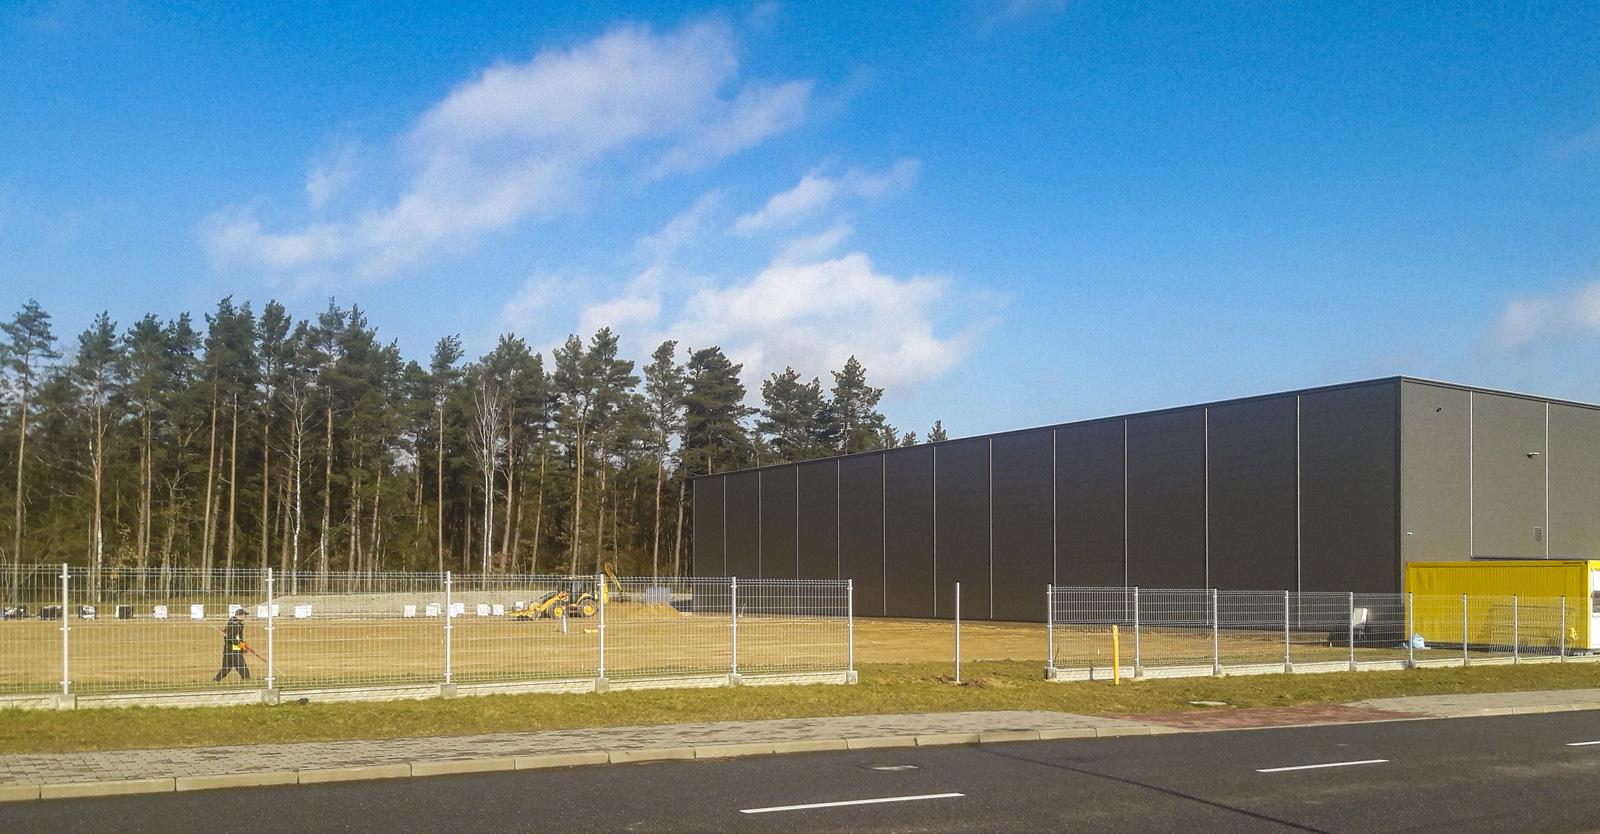 teren budowy przy istniejacej hali - rozbudowa hali produkcyjno-magazynowej, dla Viscon Group Poland, Płaszewko, Słupska Specjalna Strefa Ekonomiczna, woj. pomorskie